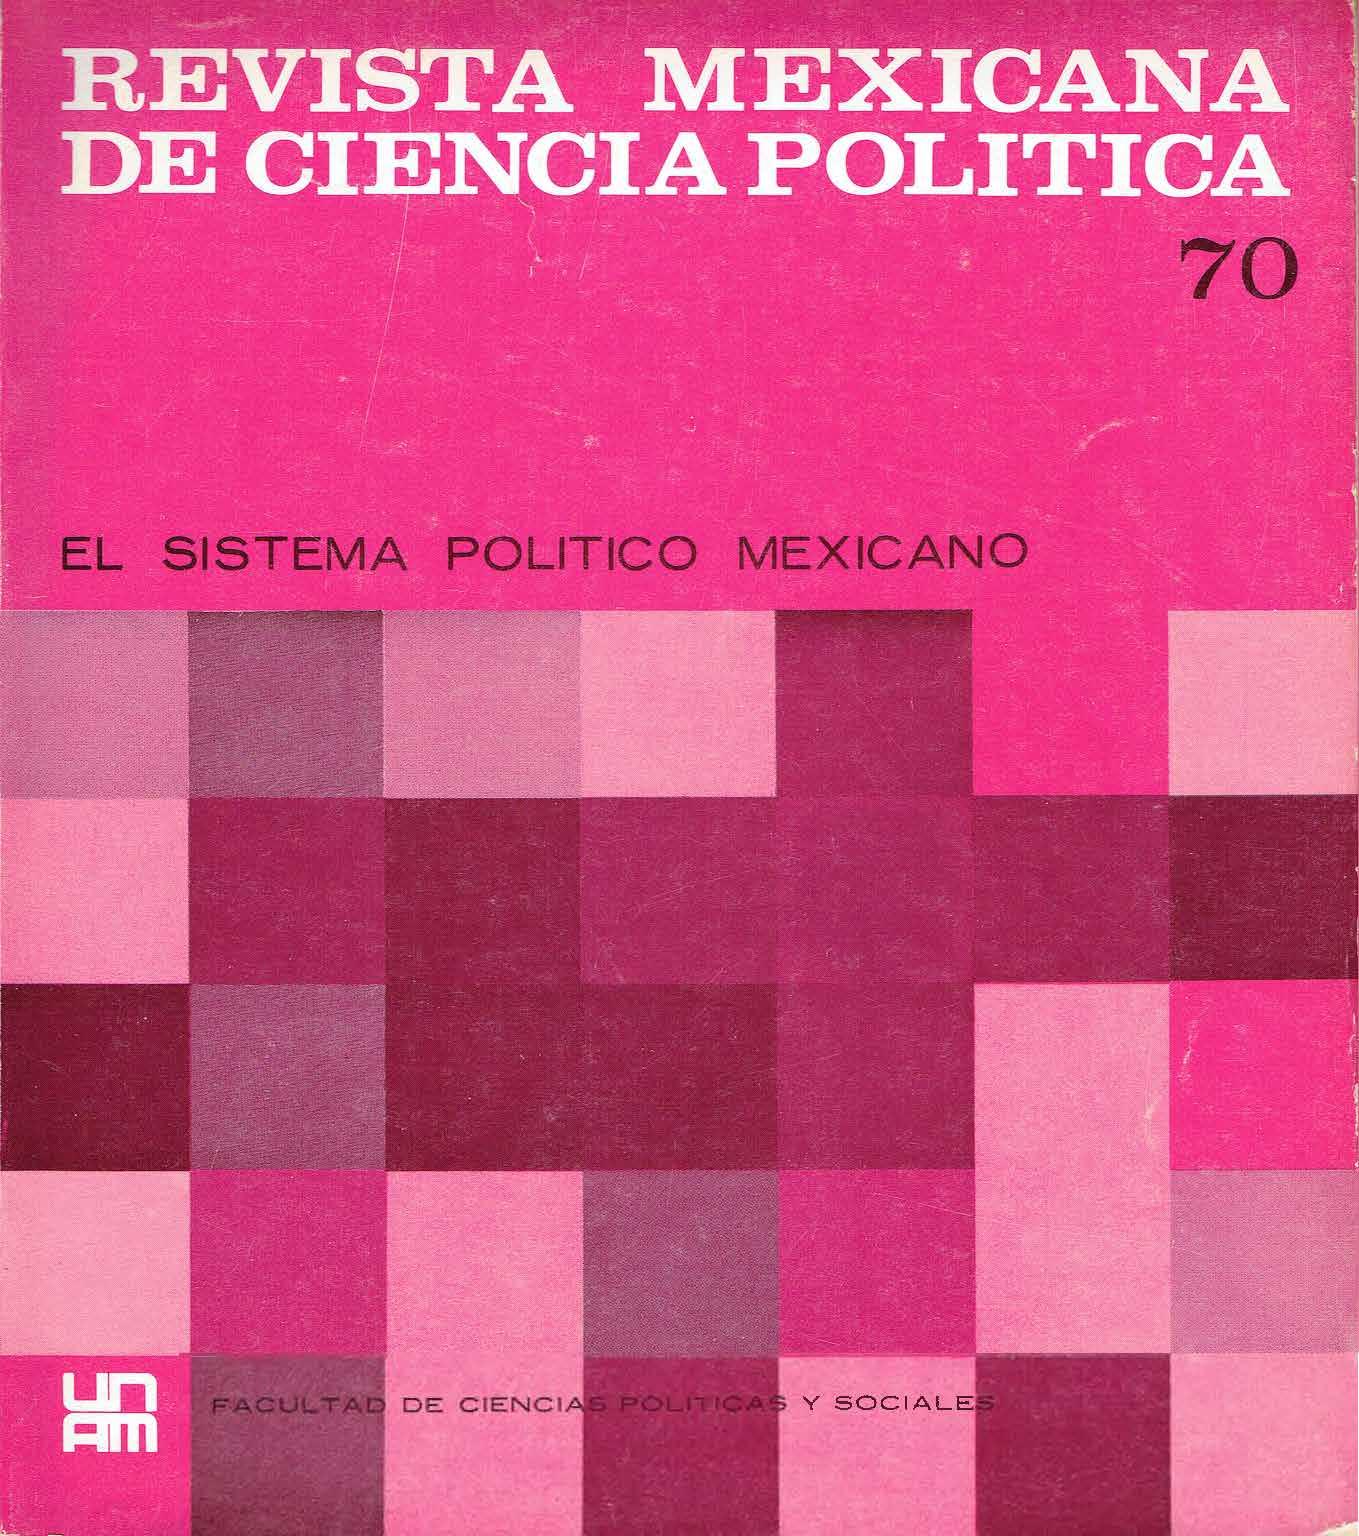 El siglo diecinueve mexicano, el estado y las clases sociales: 1821-1854